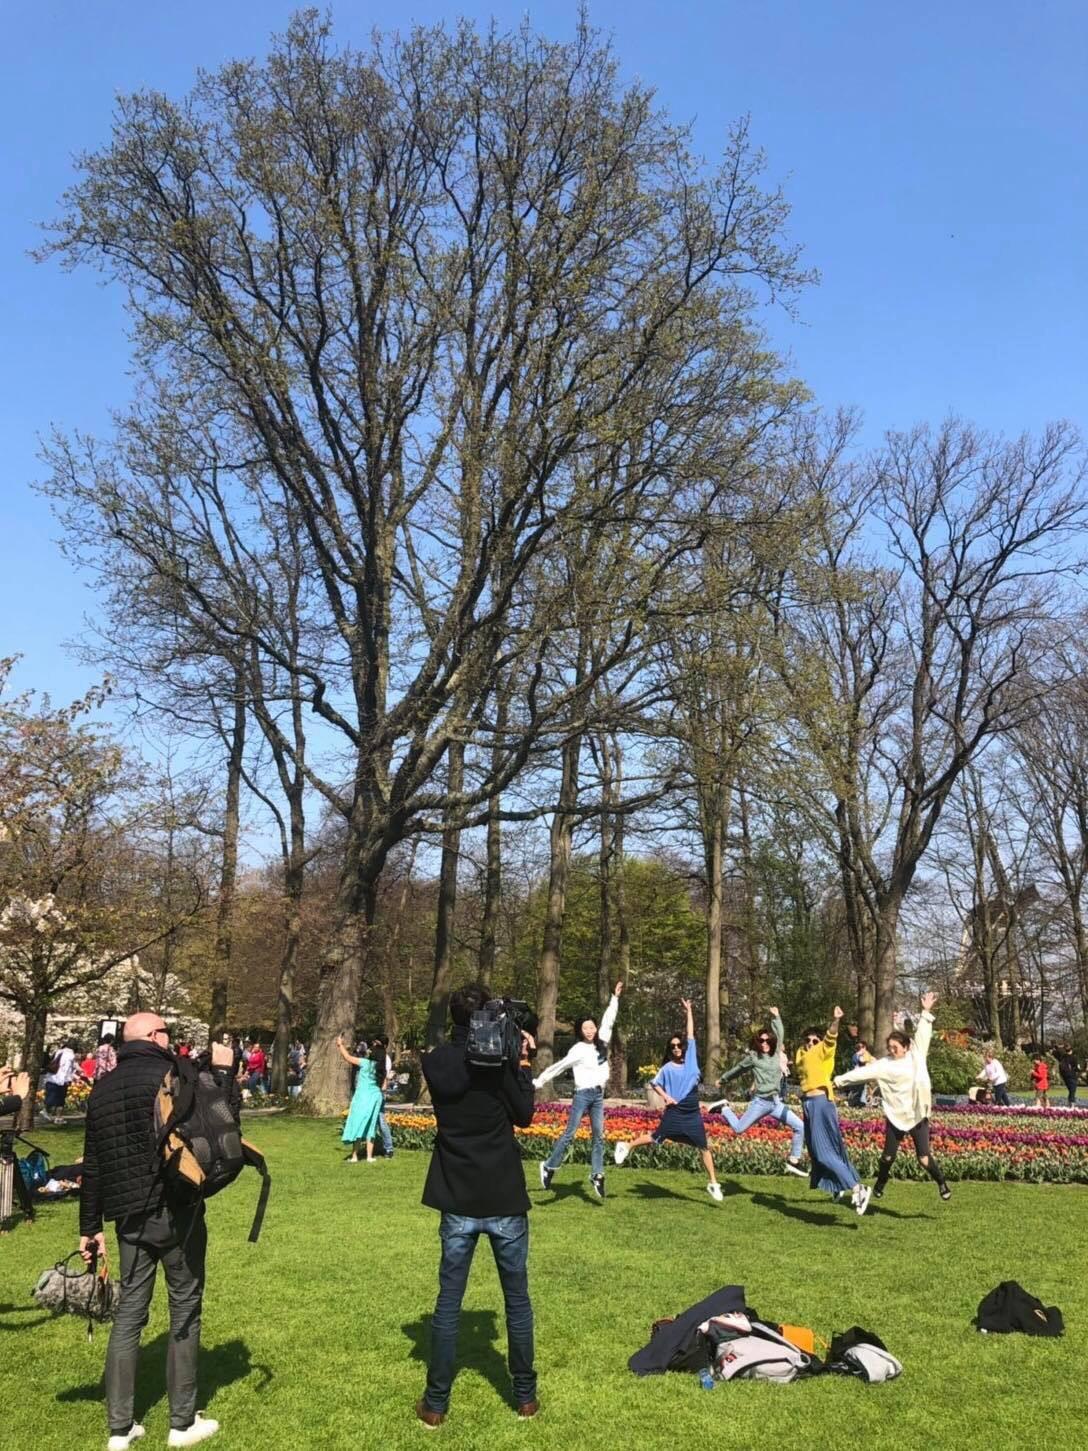 ▲一行人在花園中跳躍,更吸引法國的媒體採訪拍攝。